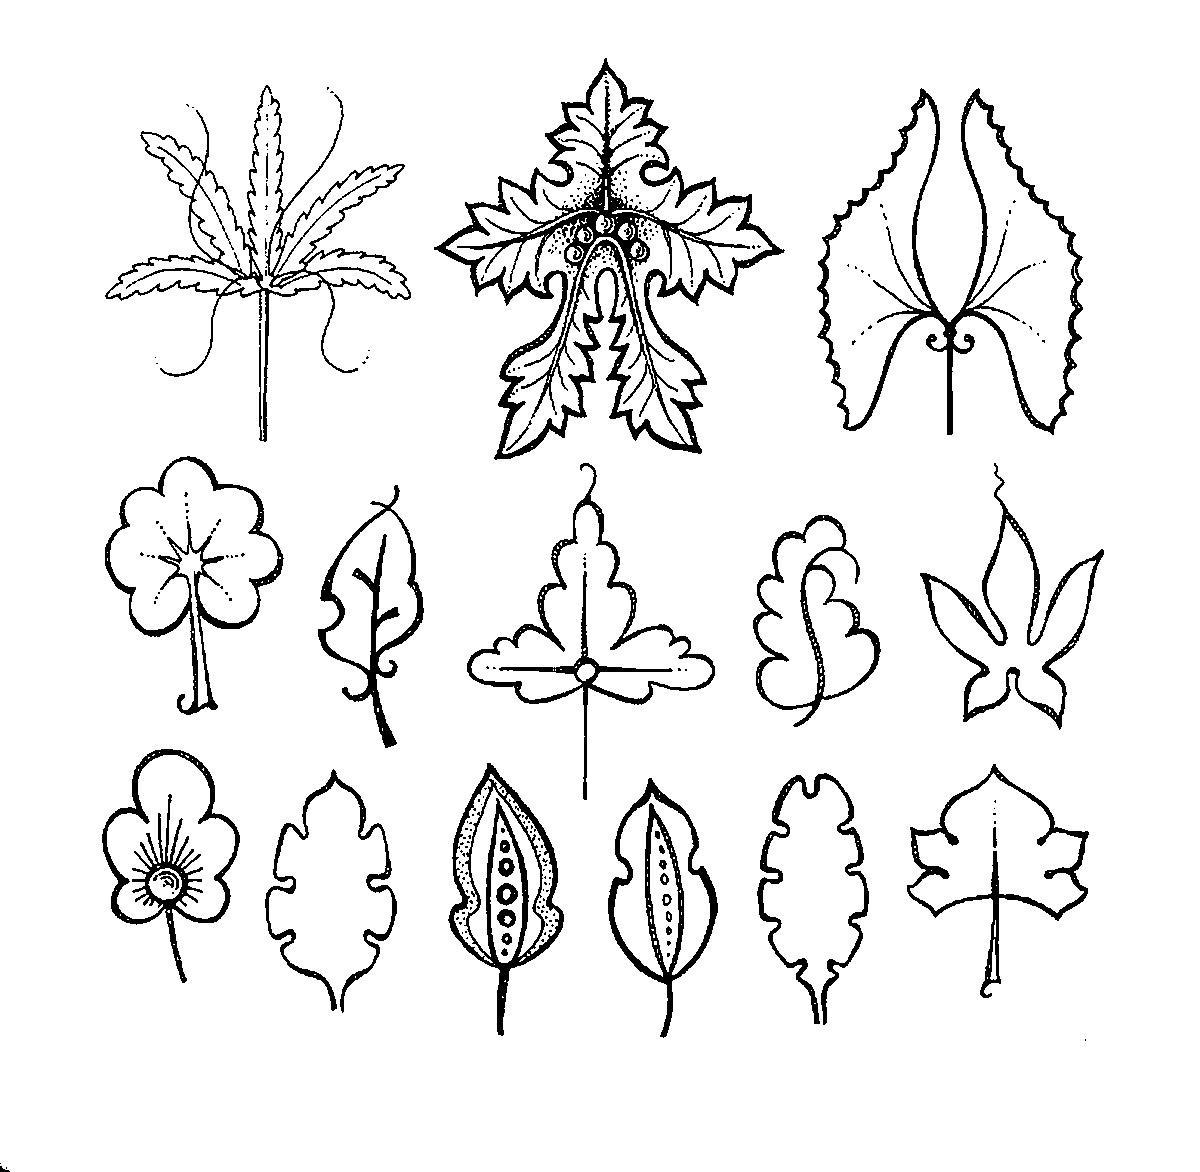 Раскраски вырезания вырезаем листья, шаблоны для вырезания